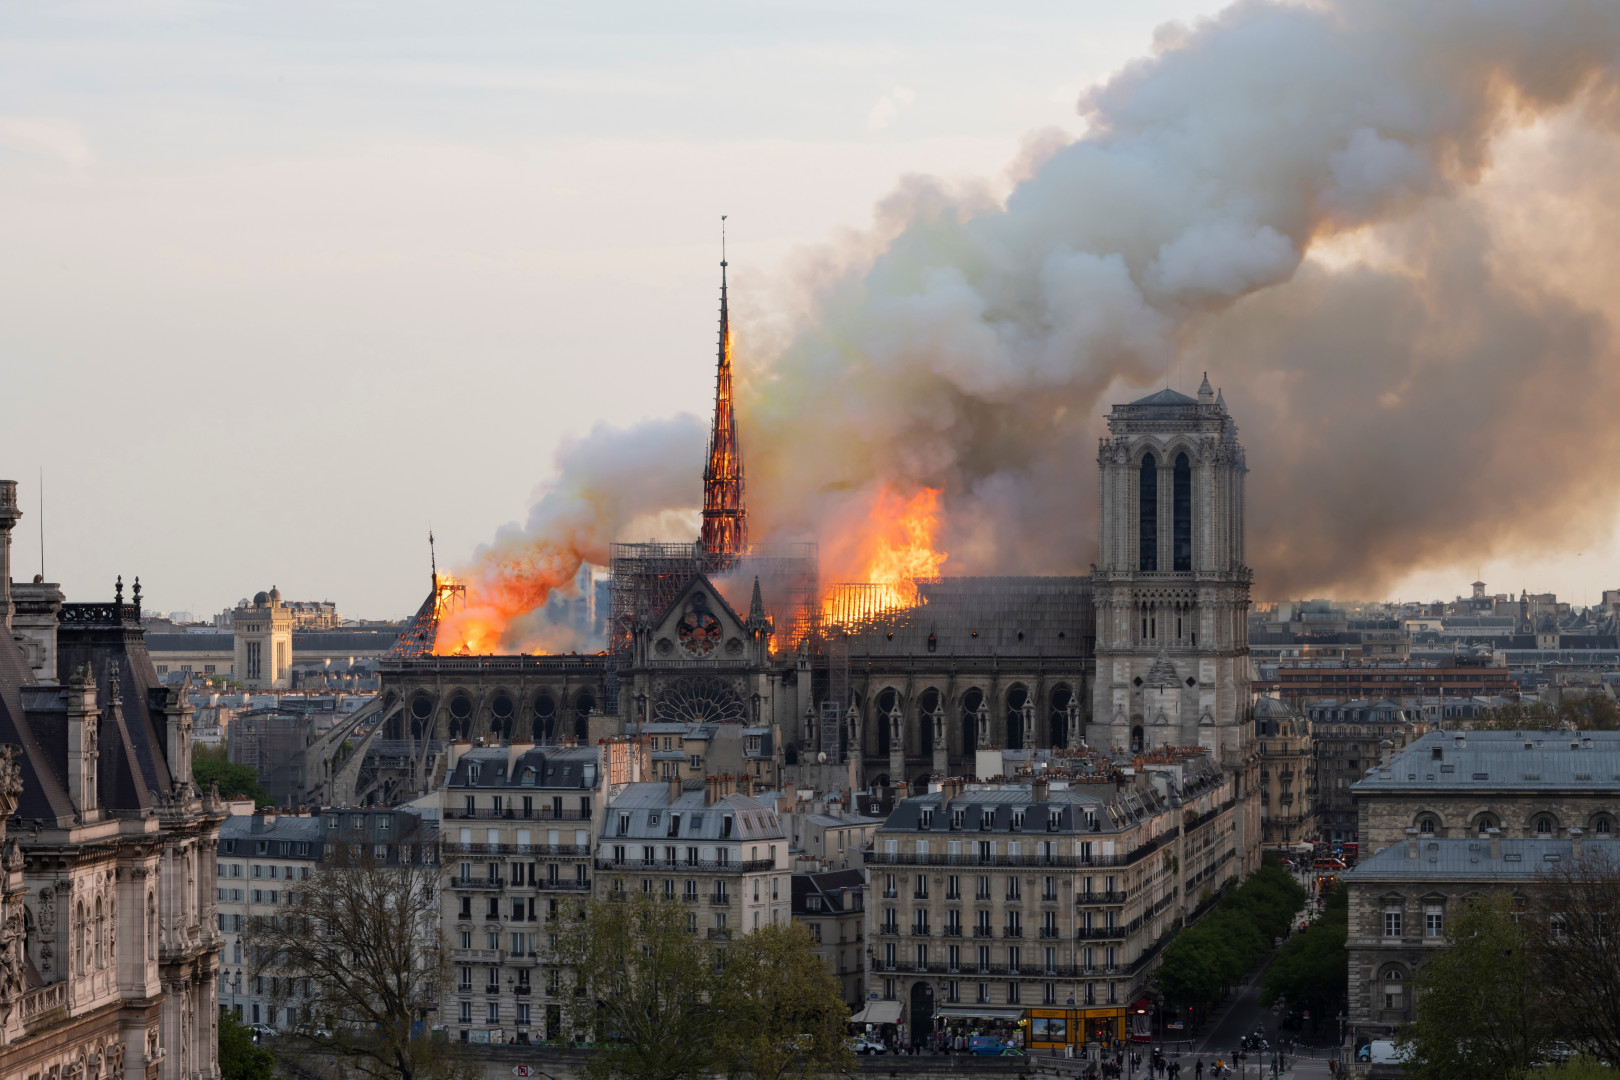 Après l'incendie de Notre-Dame, Macron annonce qu'elle sera reconstruite sous 5 ans